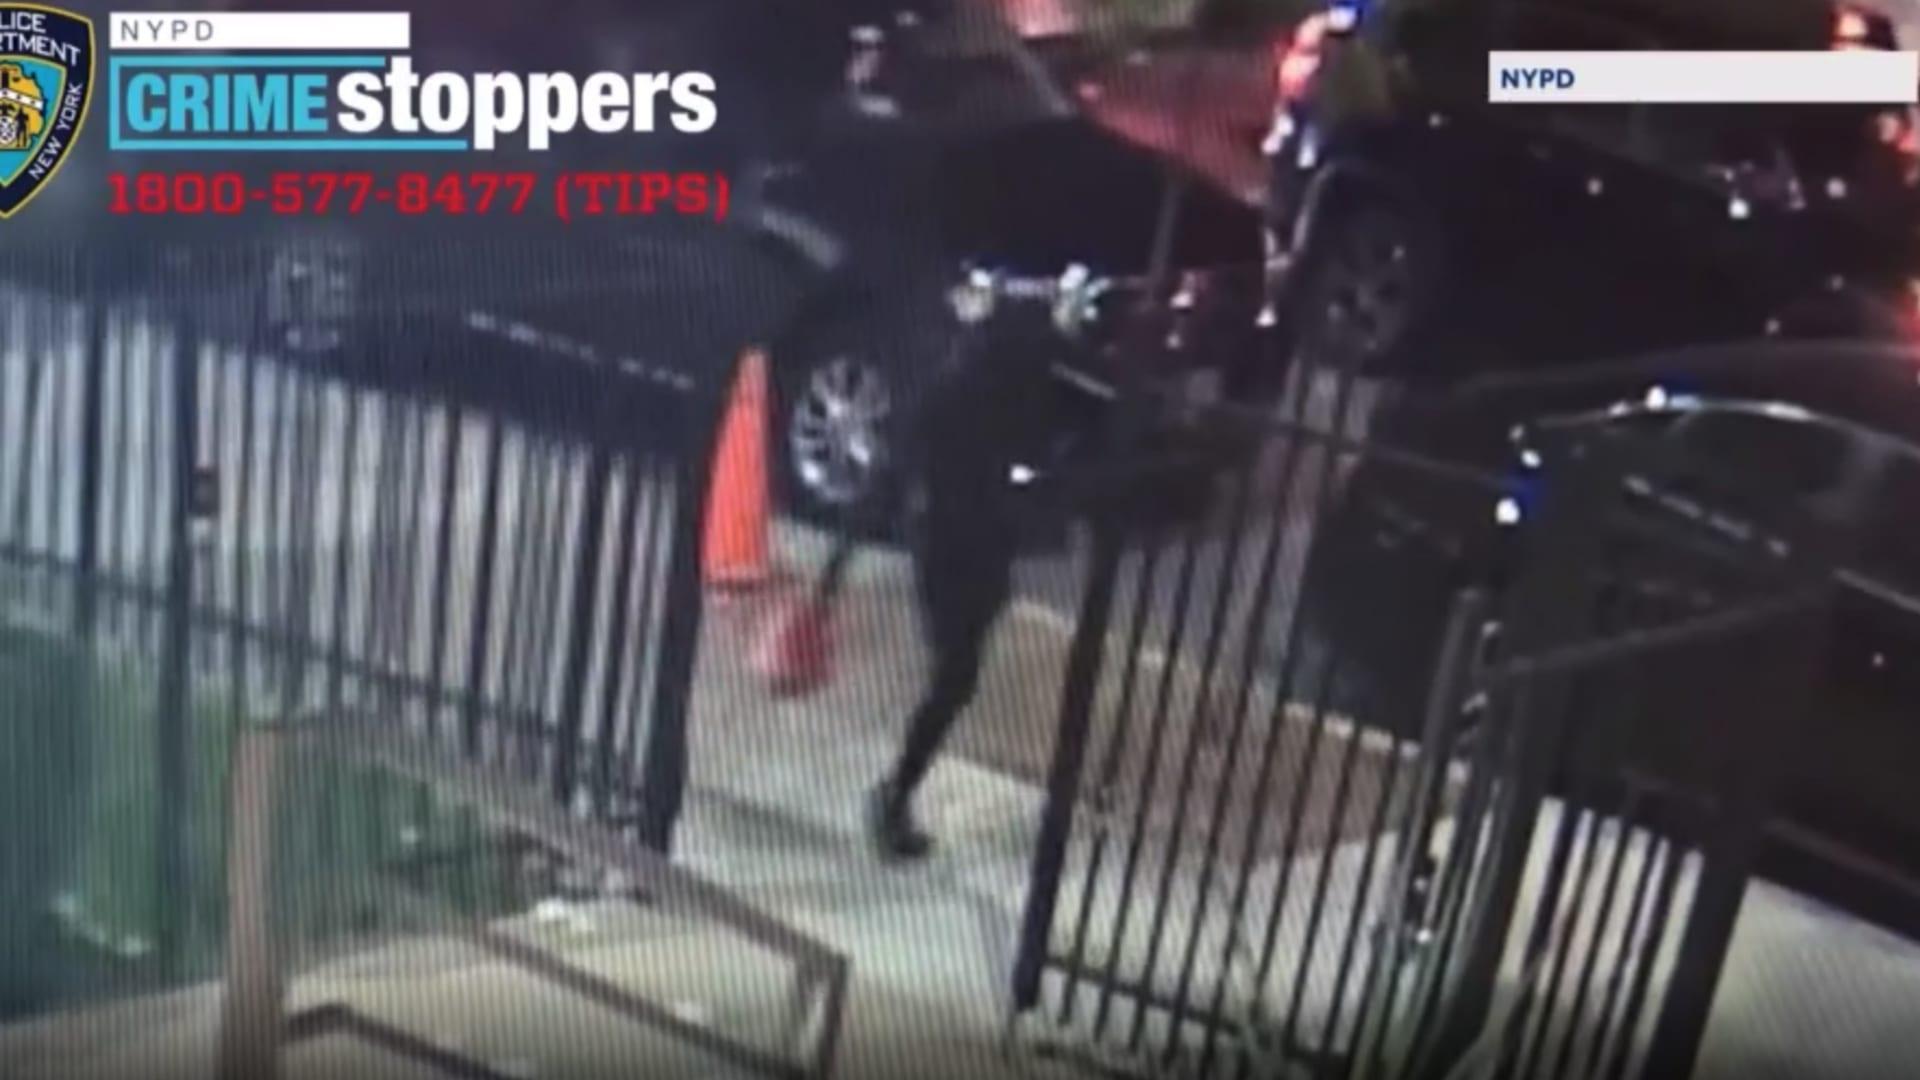 كاميرا مراقبة ترصد لحظة إحراق إمرأة مدرسة يهودية بنيويورك thumbnail